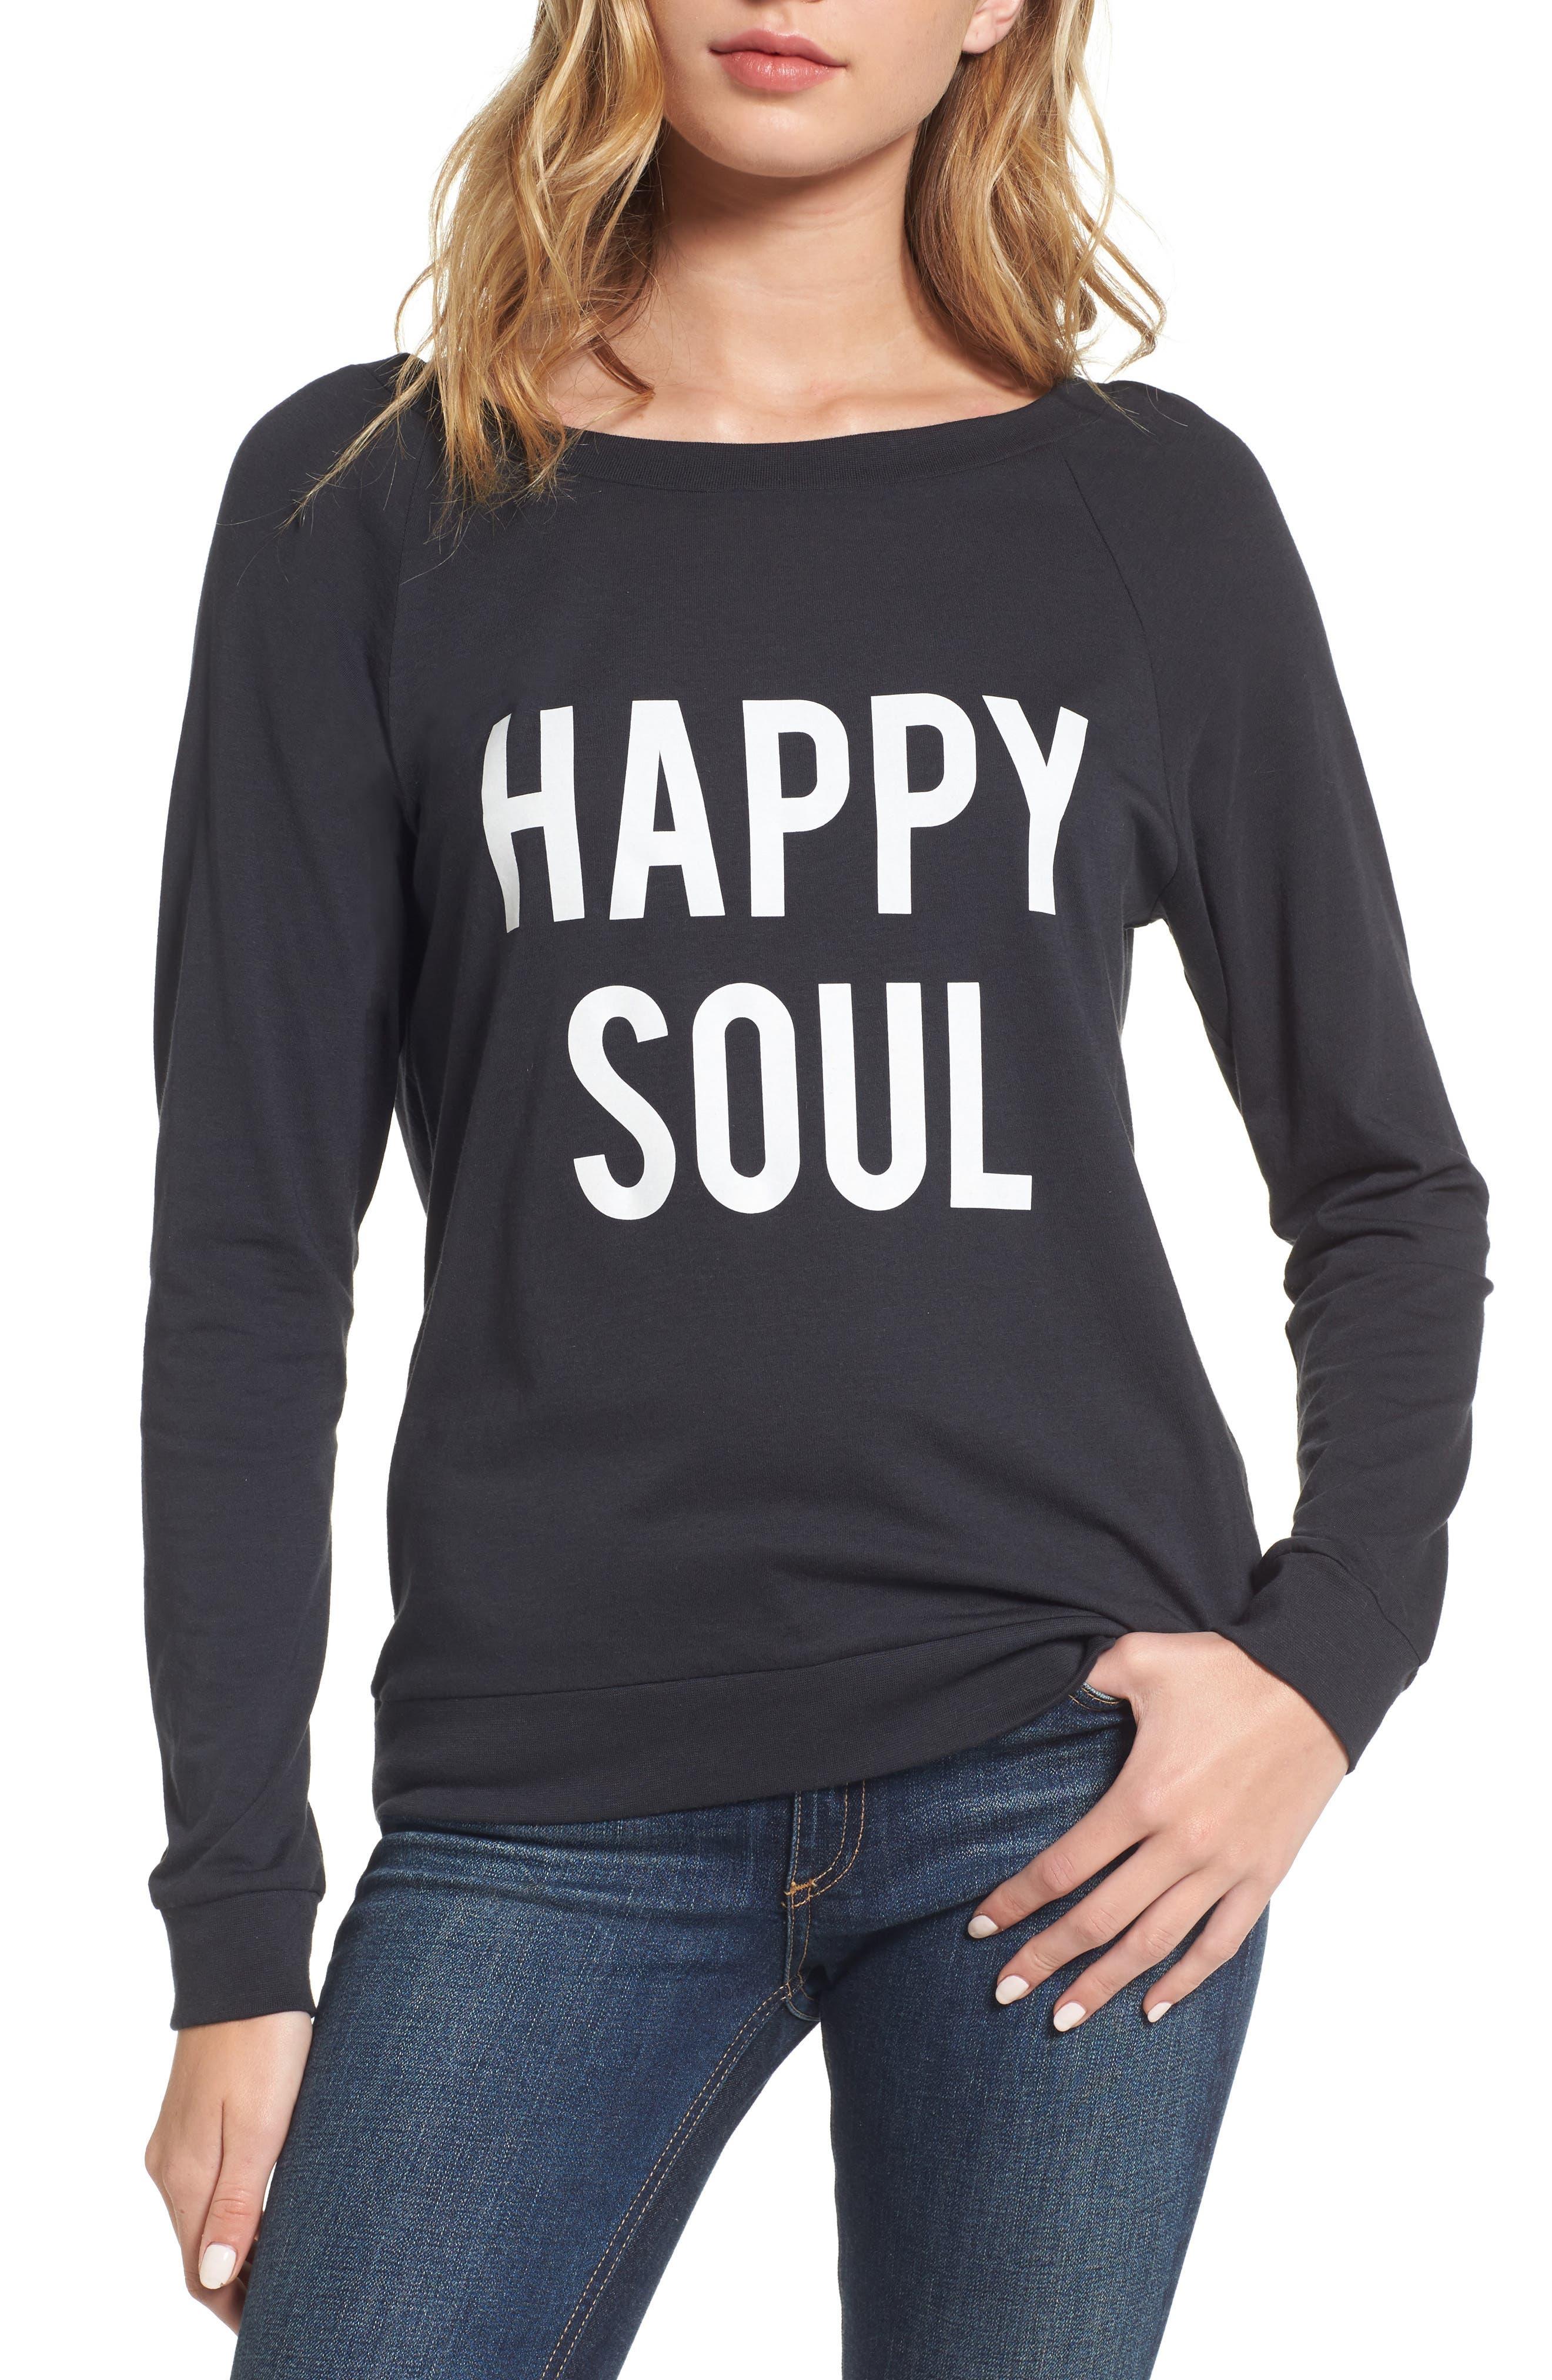 Happy Soul Long Sleeve Tee,                             Main thumbnail 1, color,                             001